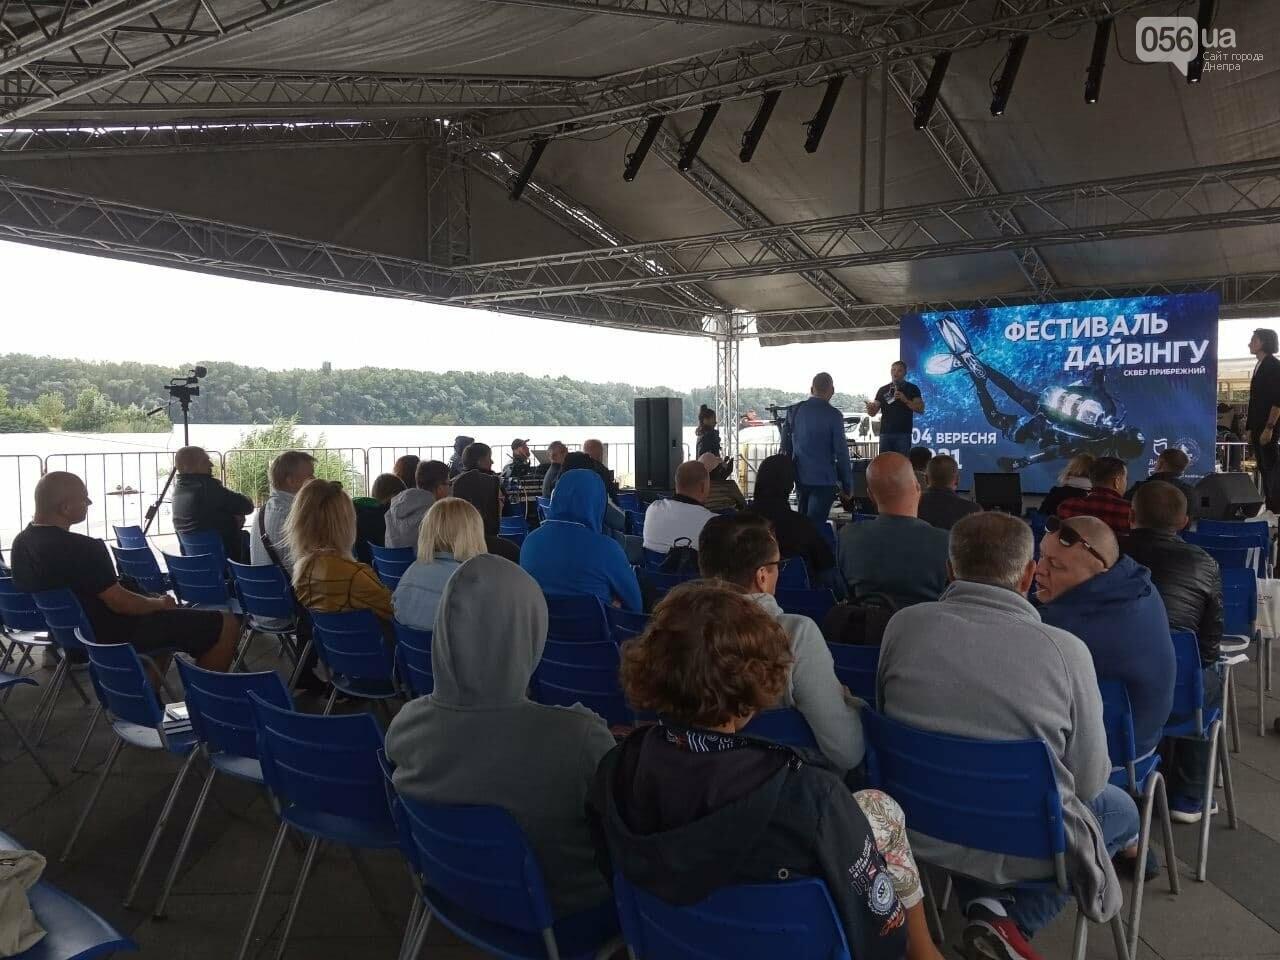 В Днепре провели первый в Украине Международный фестиваль дайвинга, - ФОТО, ВИДЕО, фото-13